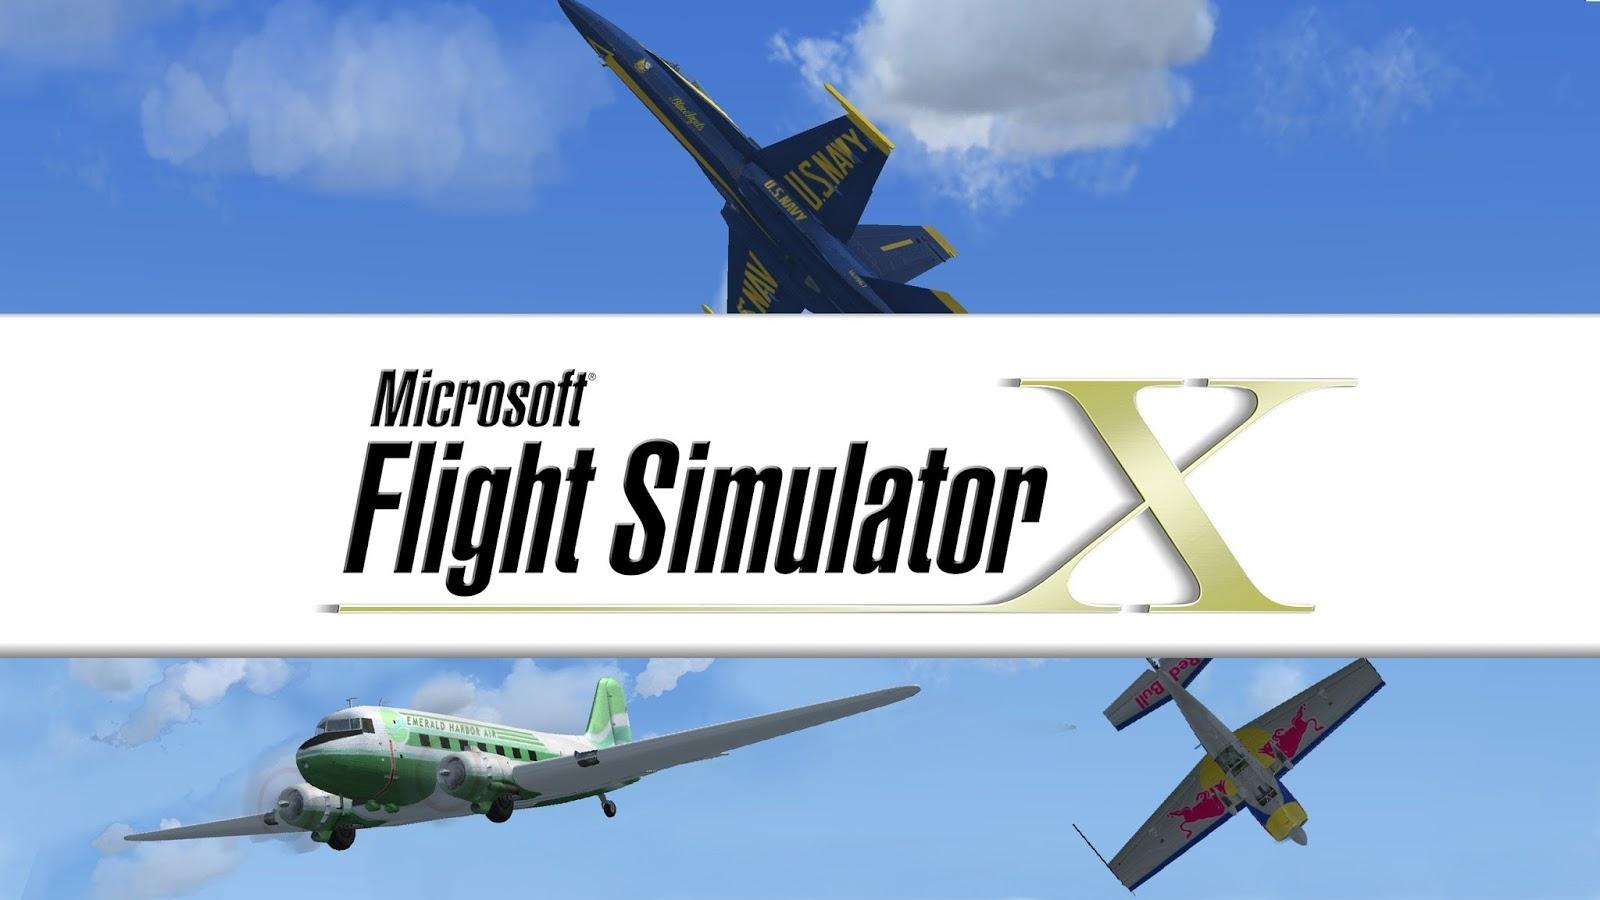 تحميل لعبة microsoft flight simulator x مضغوطة